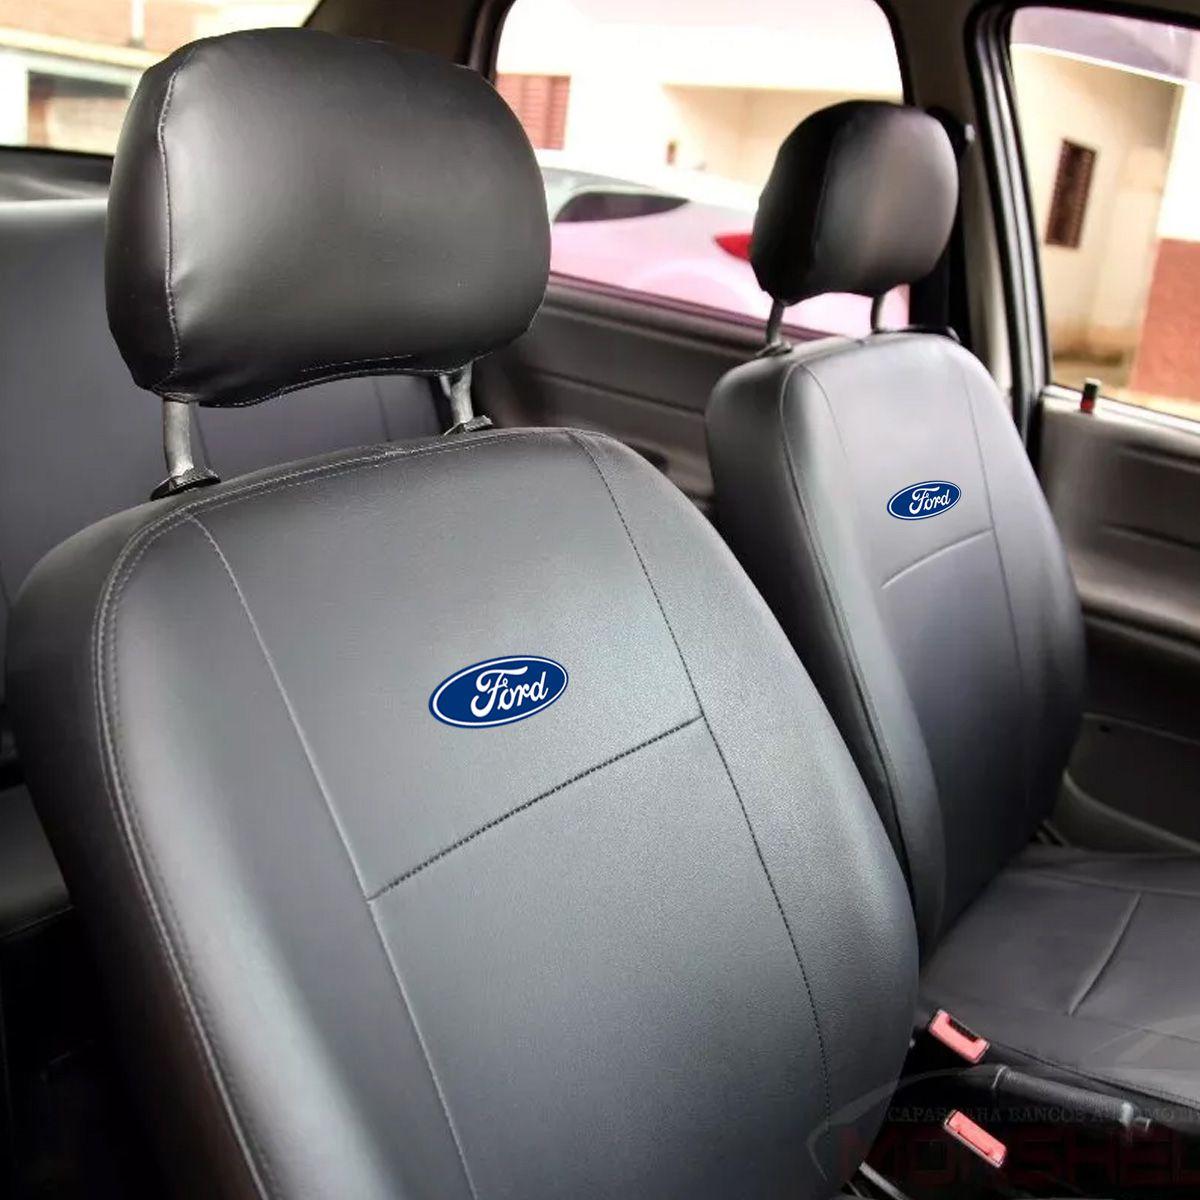 Jogo de Capas de Banco em Couro Inteiriço Ford Ka Fiesta Escort Hobby Zetec Xr3 Gl L Gls Verona F1000 F250 F75 Logus Ecosport Del Rey Belina Pampa Preto